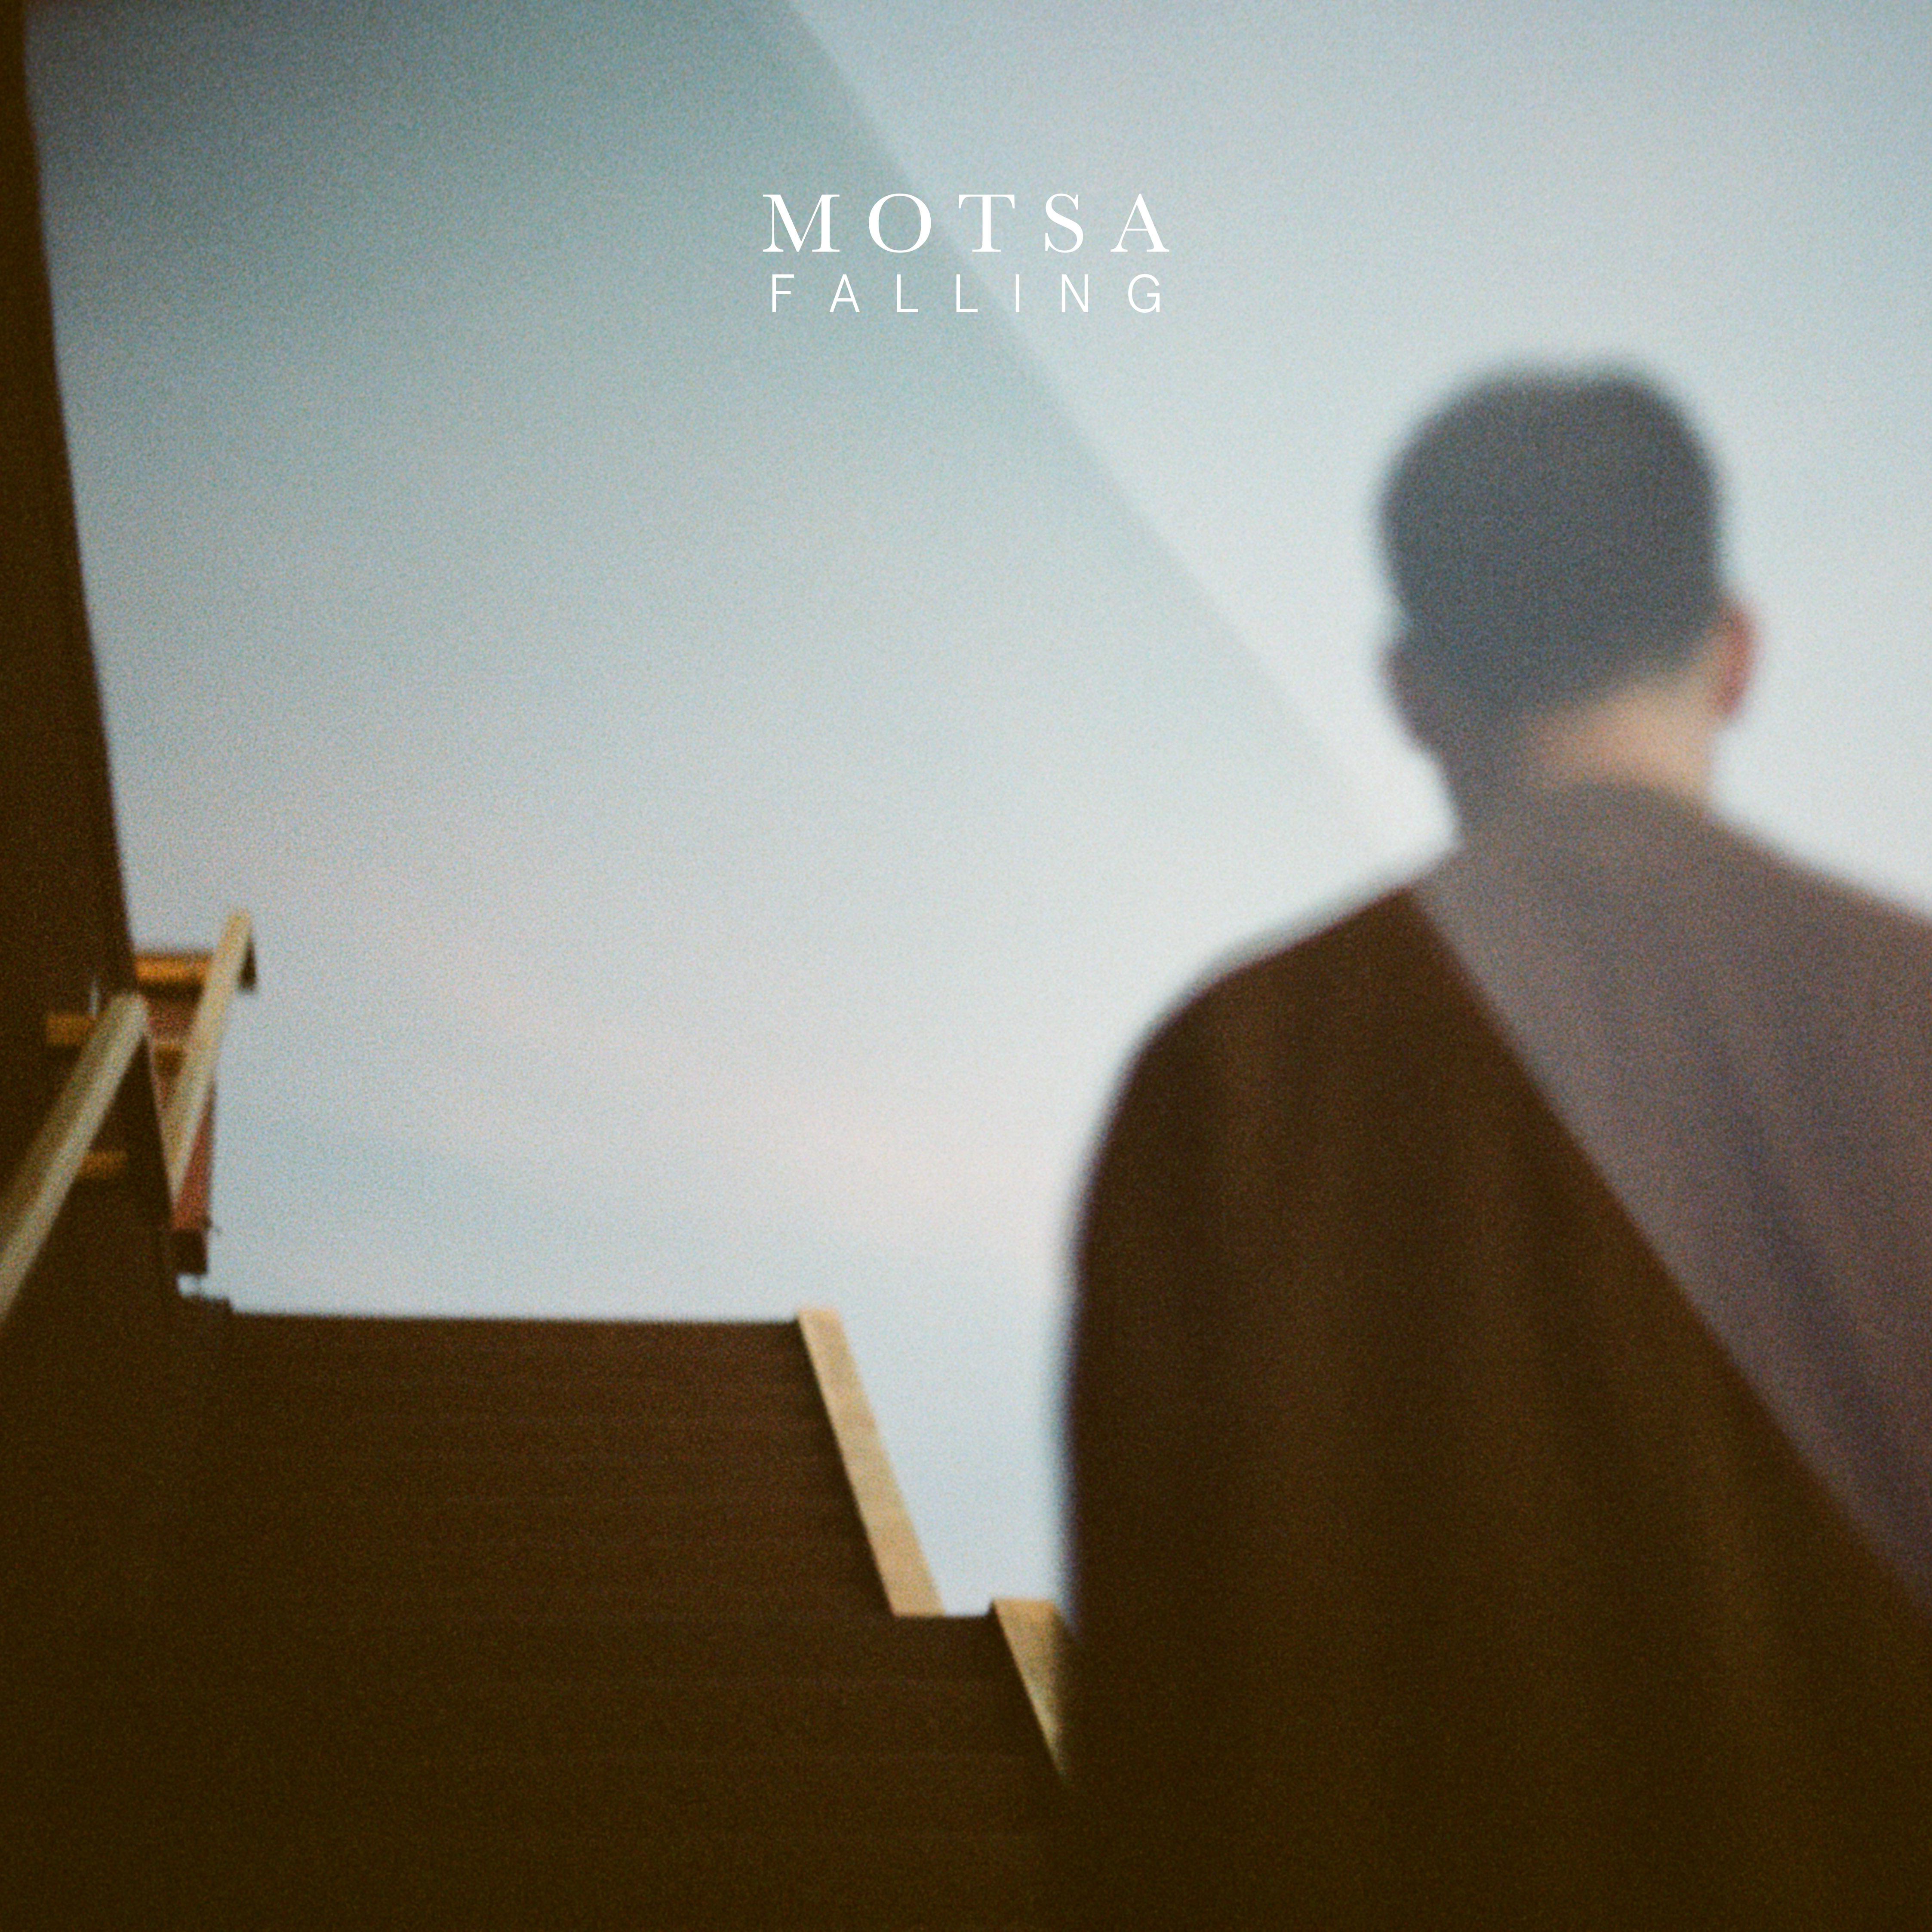 MOTSA - Falling (Photograph © Jakob Sauer)